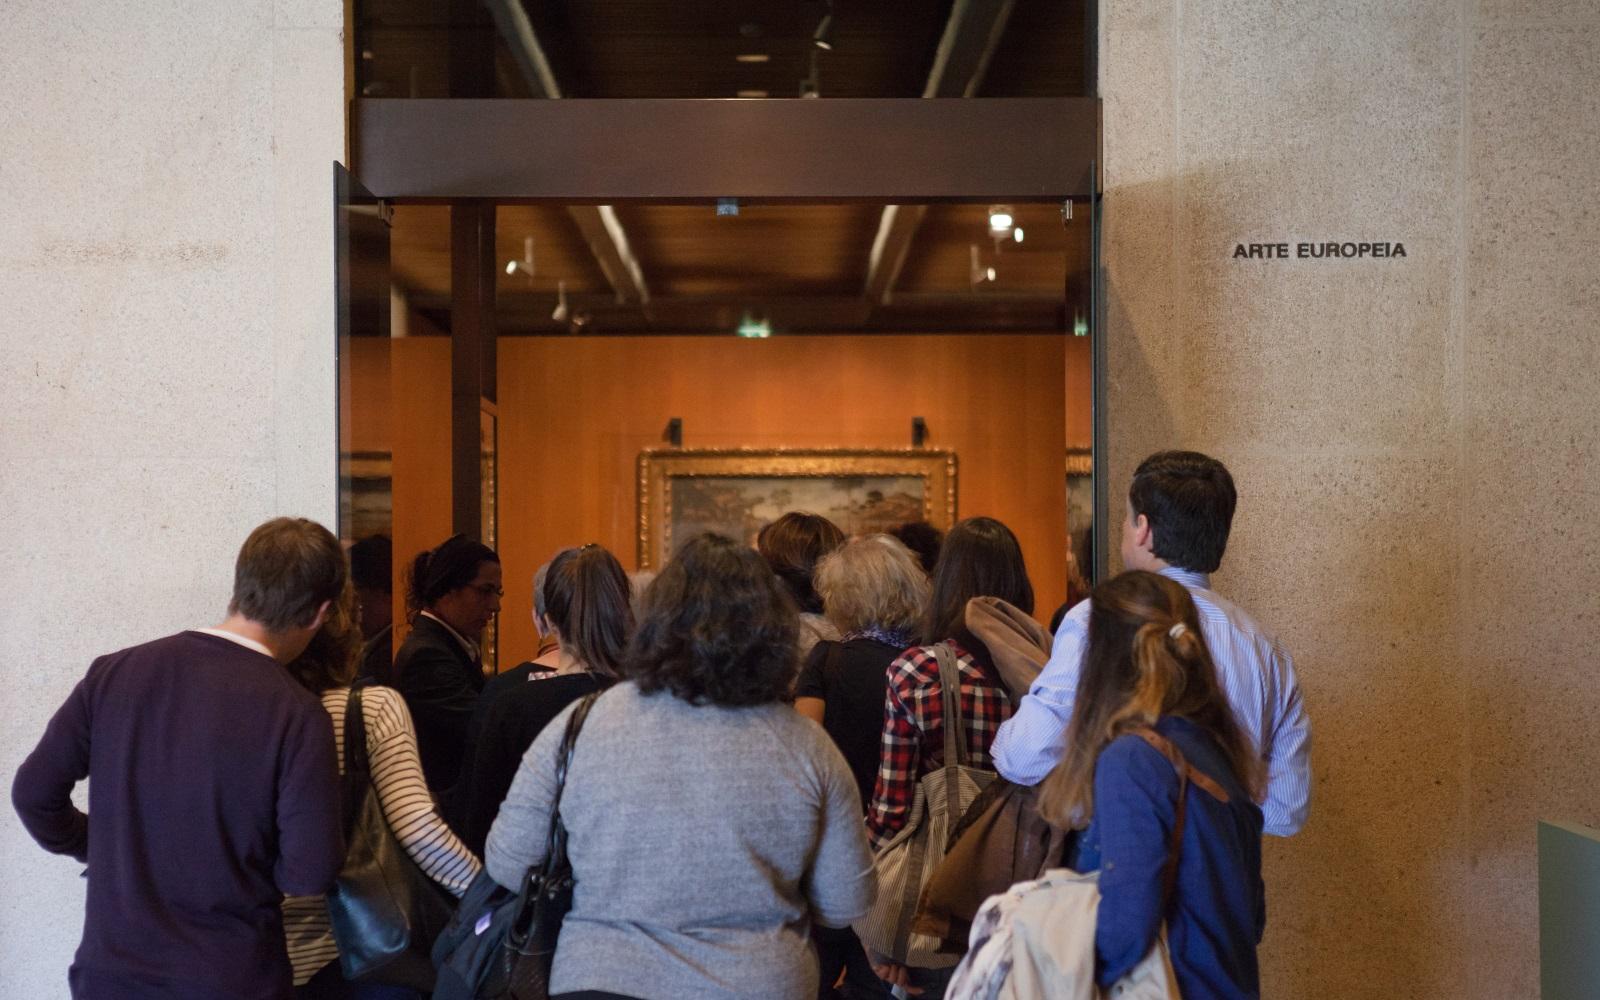 Visita pedagógica: para quem são os museus?